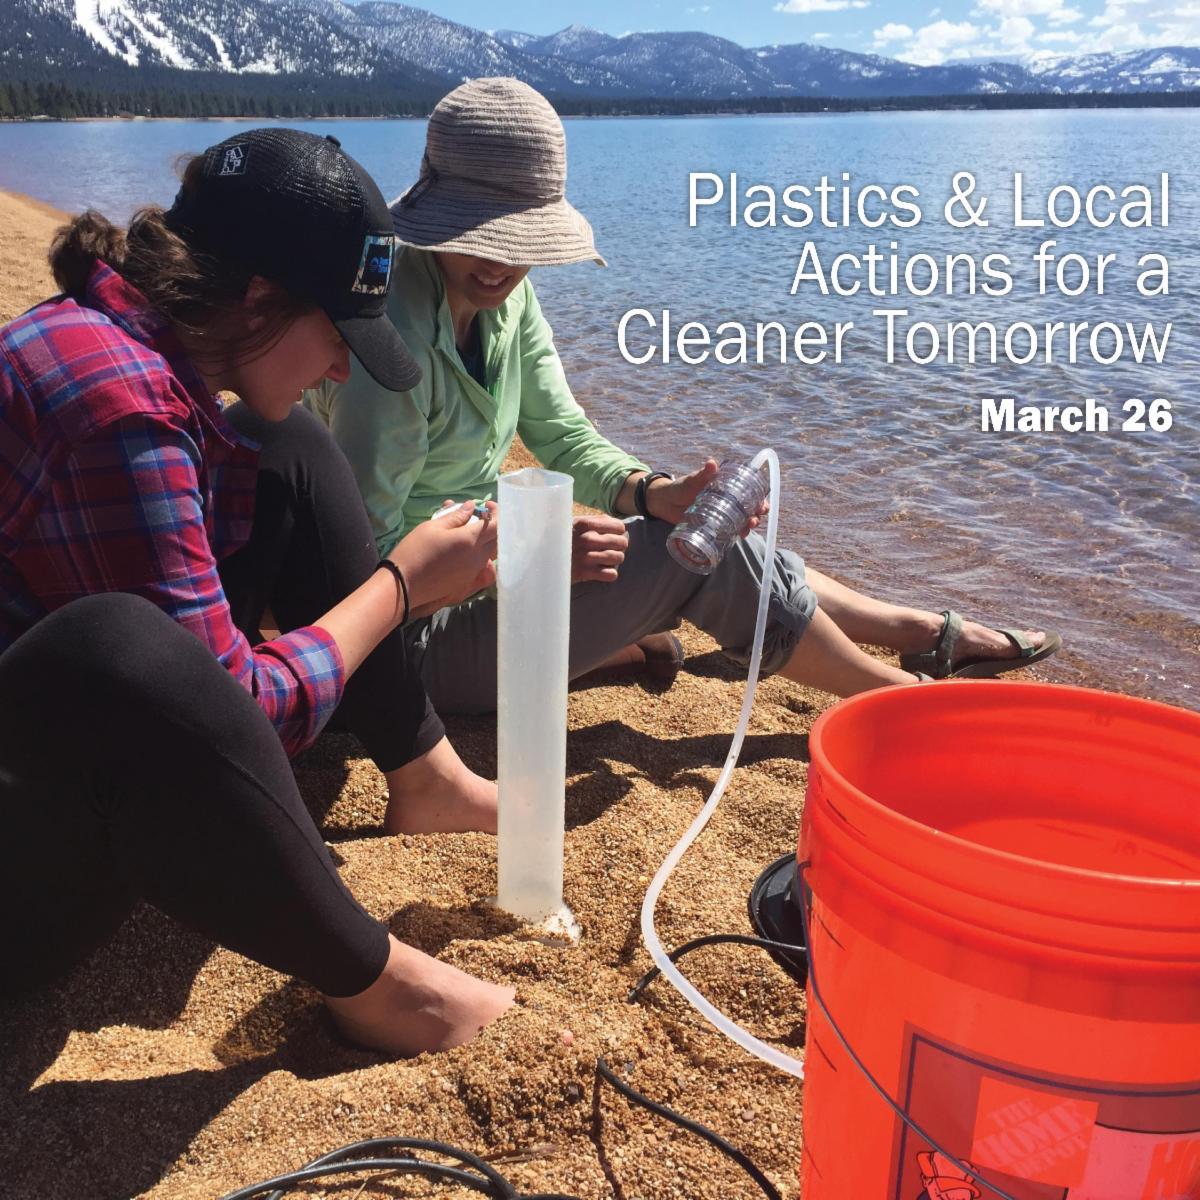 Patagonia Plastics Panel - March 26